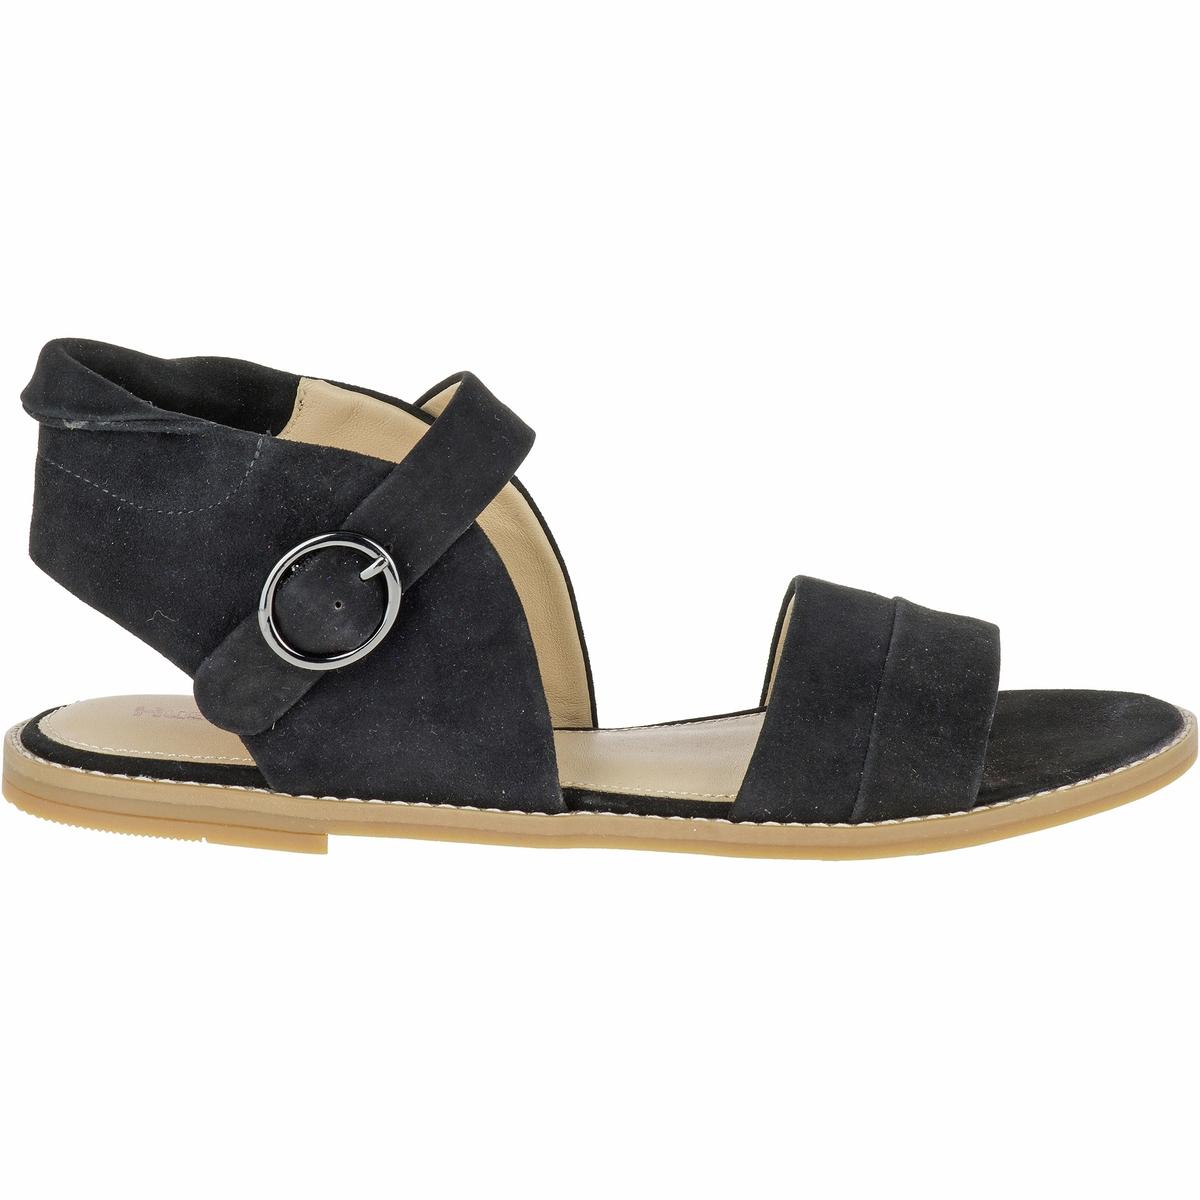 Сандалии кожаные AbiaВерх/Голенище : кожа    Подкладка : кожа    Стелька : кожа    Подошва : каучук    Высота каблука : 1 см    Форма каблука : плоский каблук    Мысок : закругленный мысок   Застежка : пряжка<br><br>Цвет: черный<br>Размер: 36.37